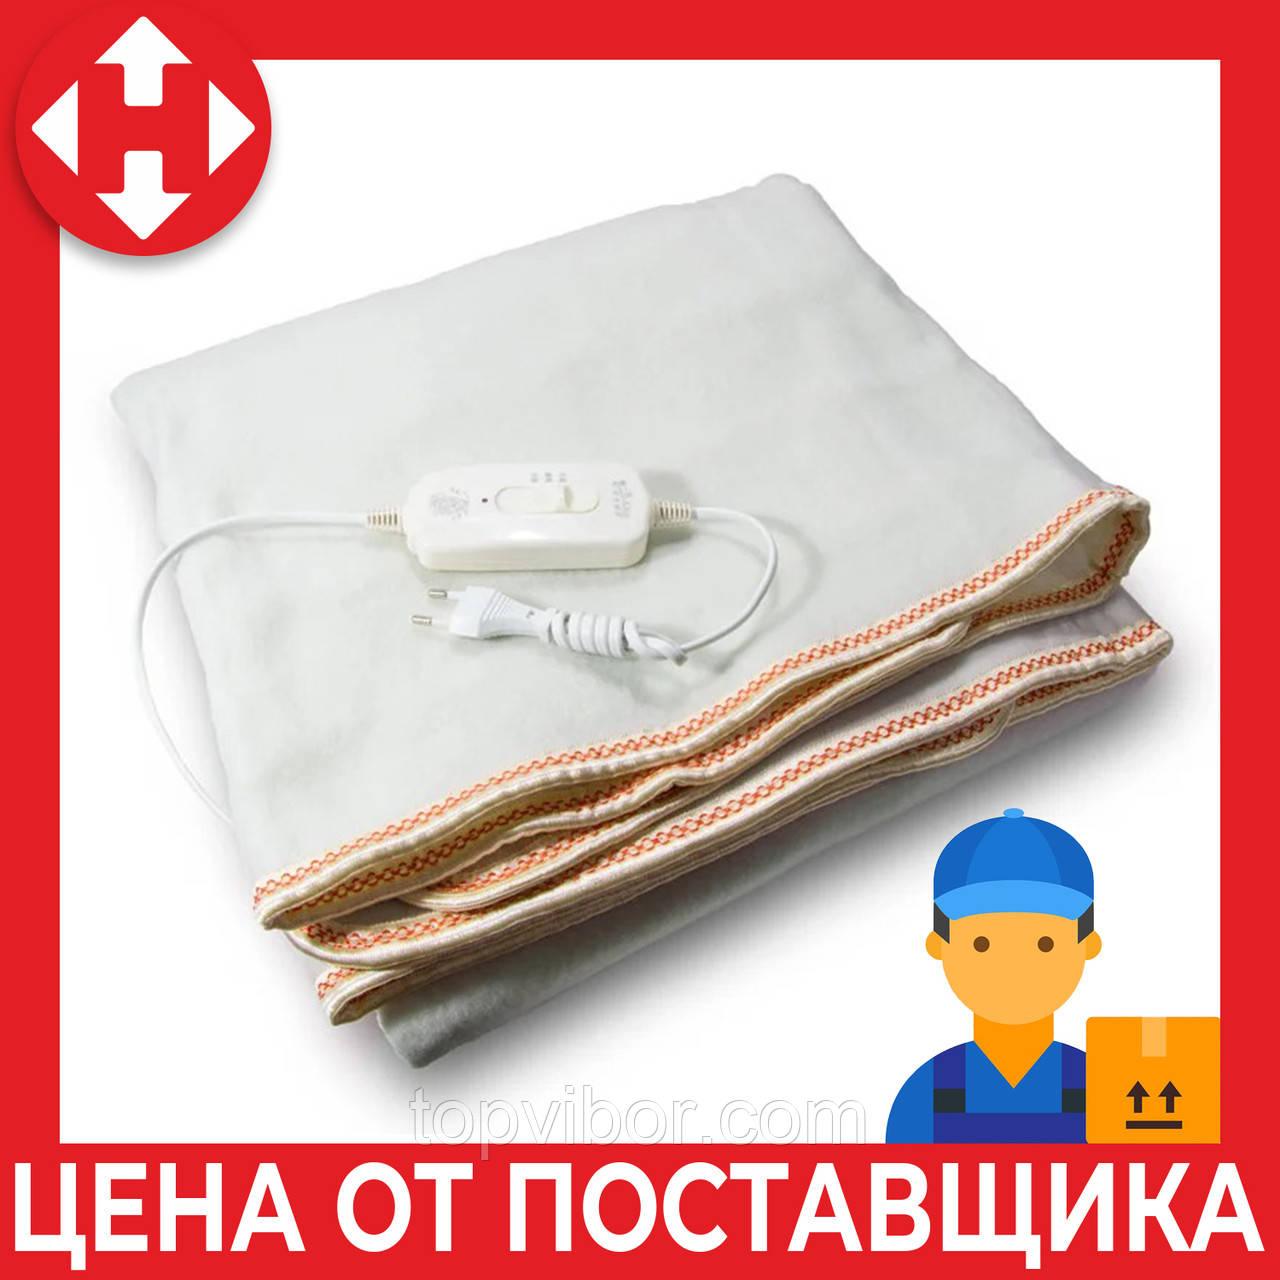 Электроодеяло Electric Blanket (100 W, 150х155 см) Оранж, простынь с подогревом, электро одеяло